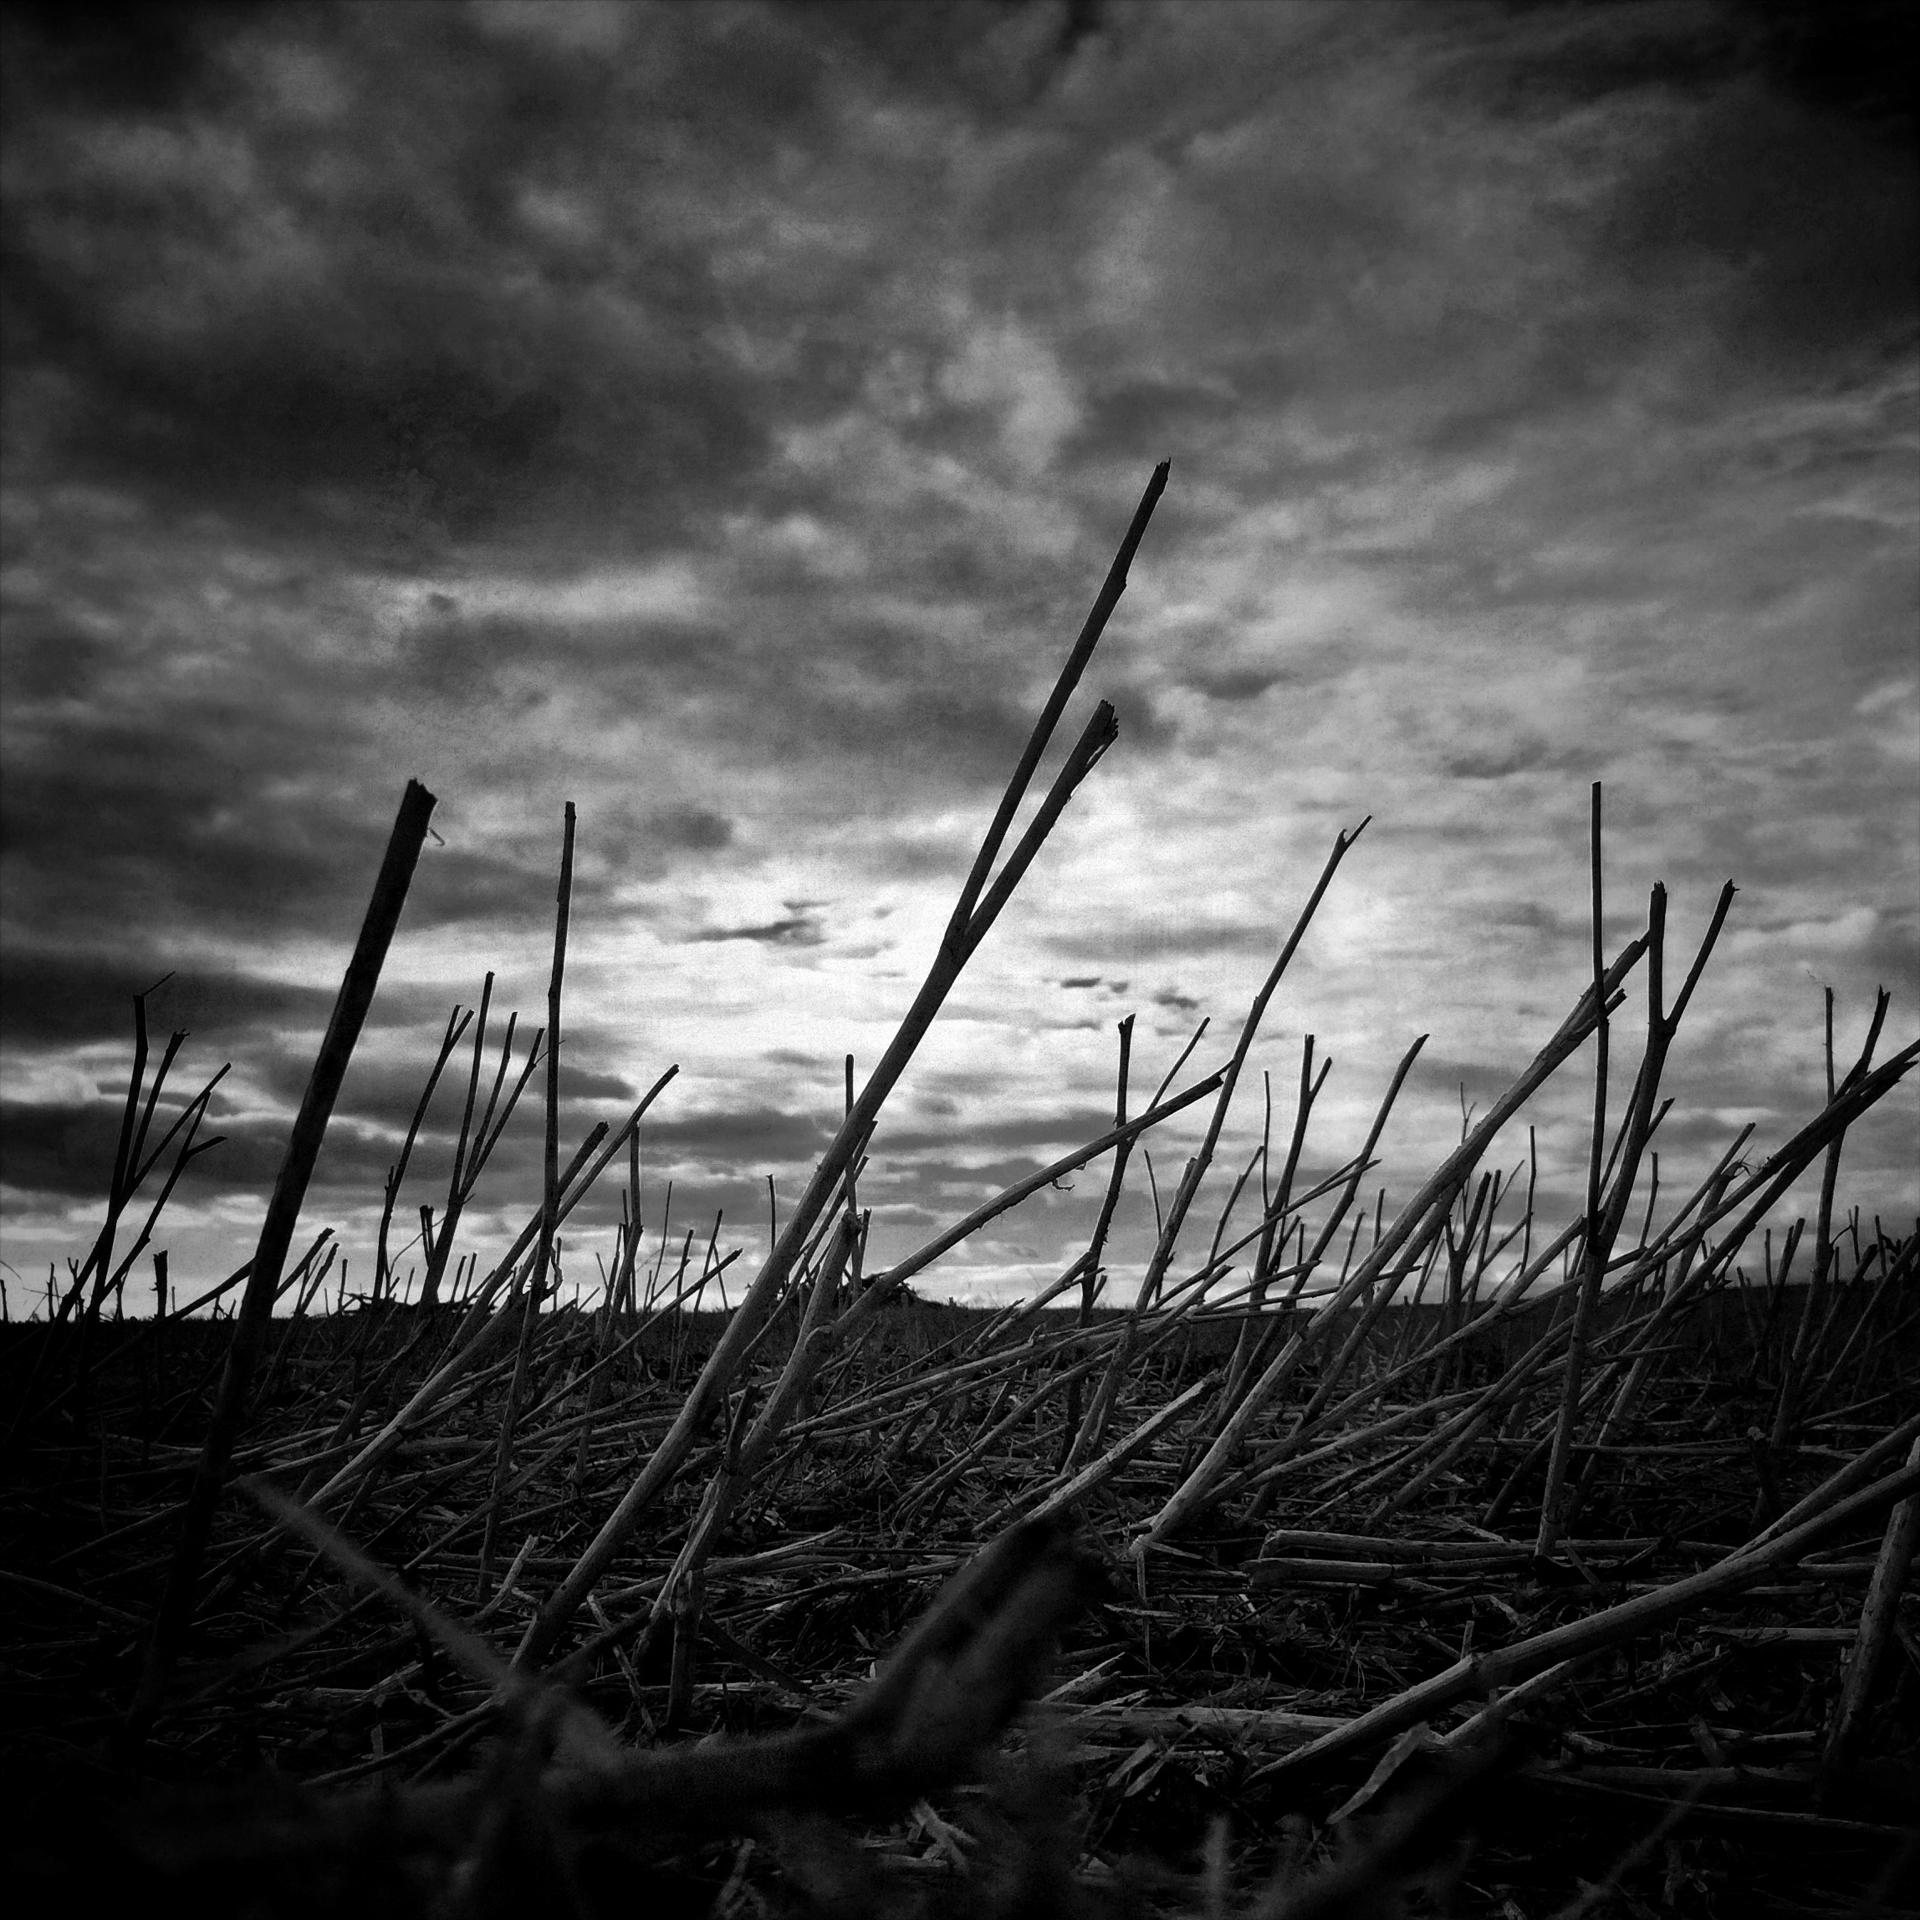 Barren by Allan Bailey